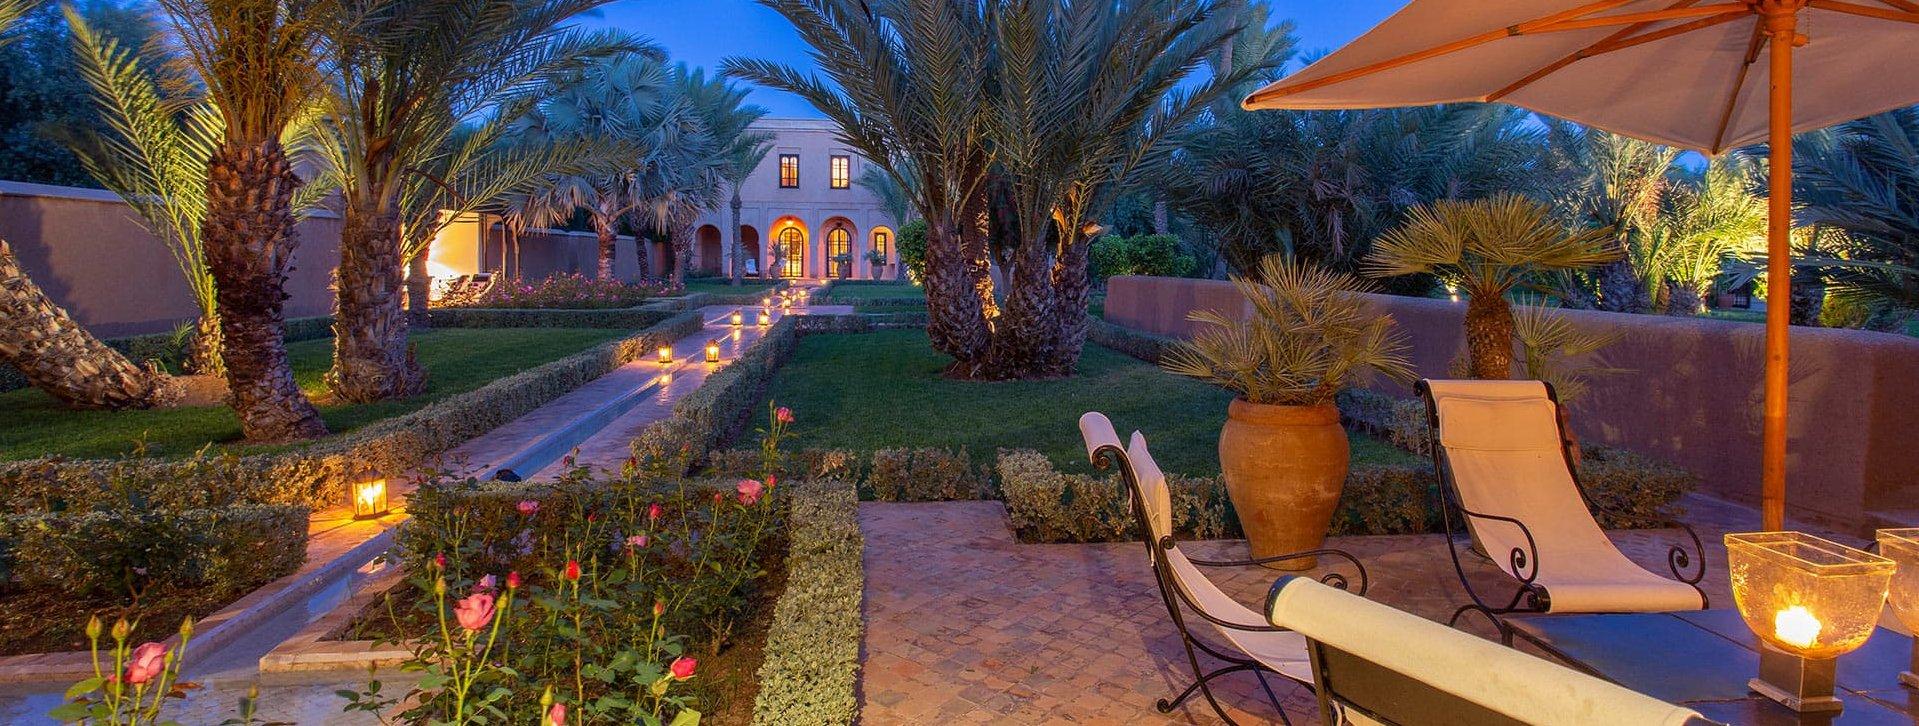 marrakech-villa-jacaranda-gardens